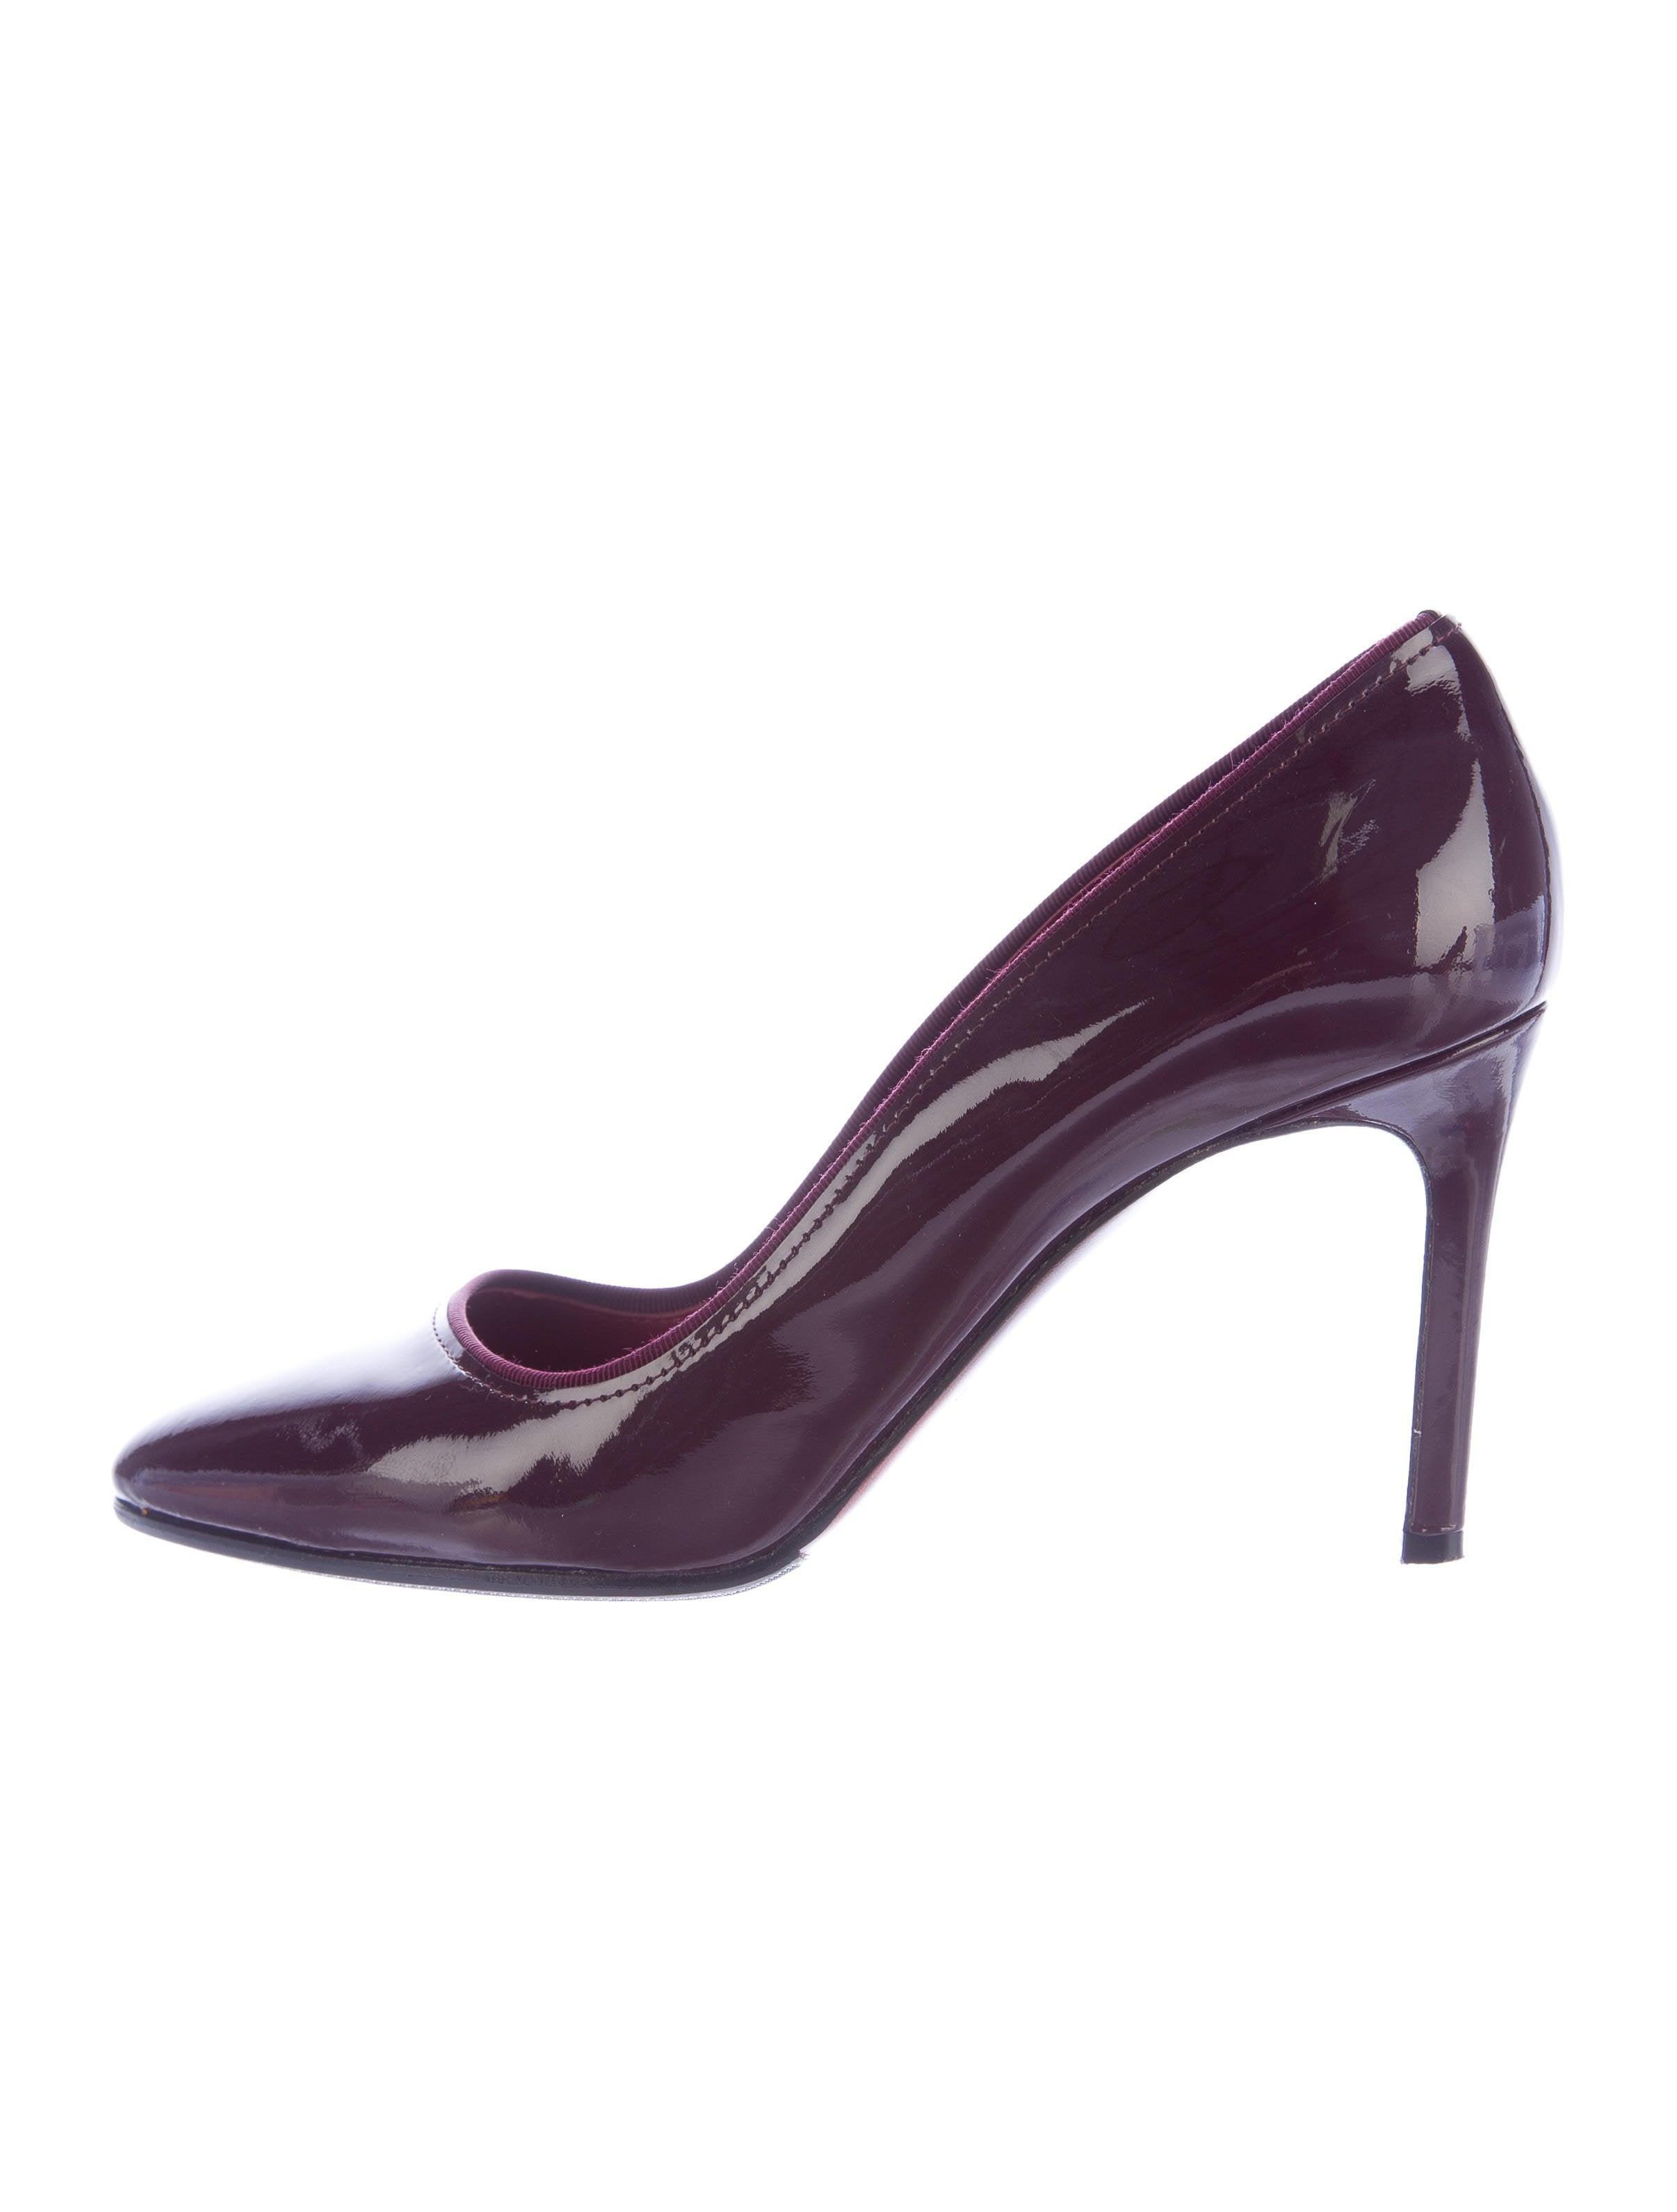 Lanvin Patent Leather Peep-Toe Pumps official d9KUUS